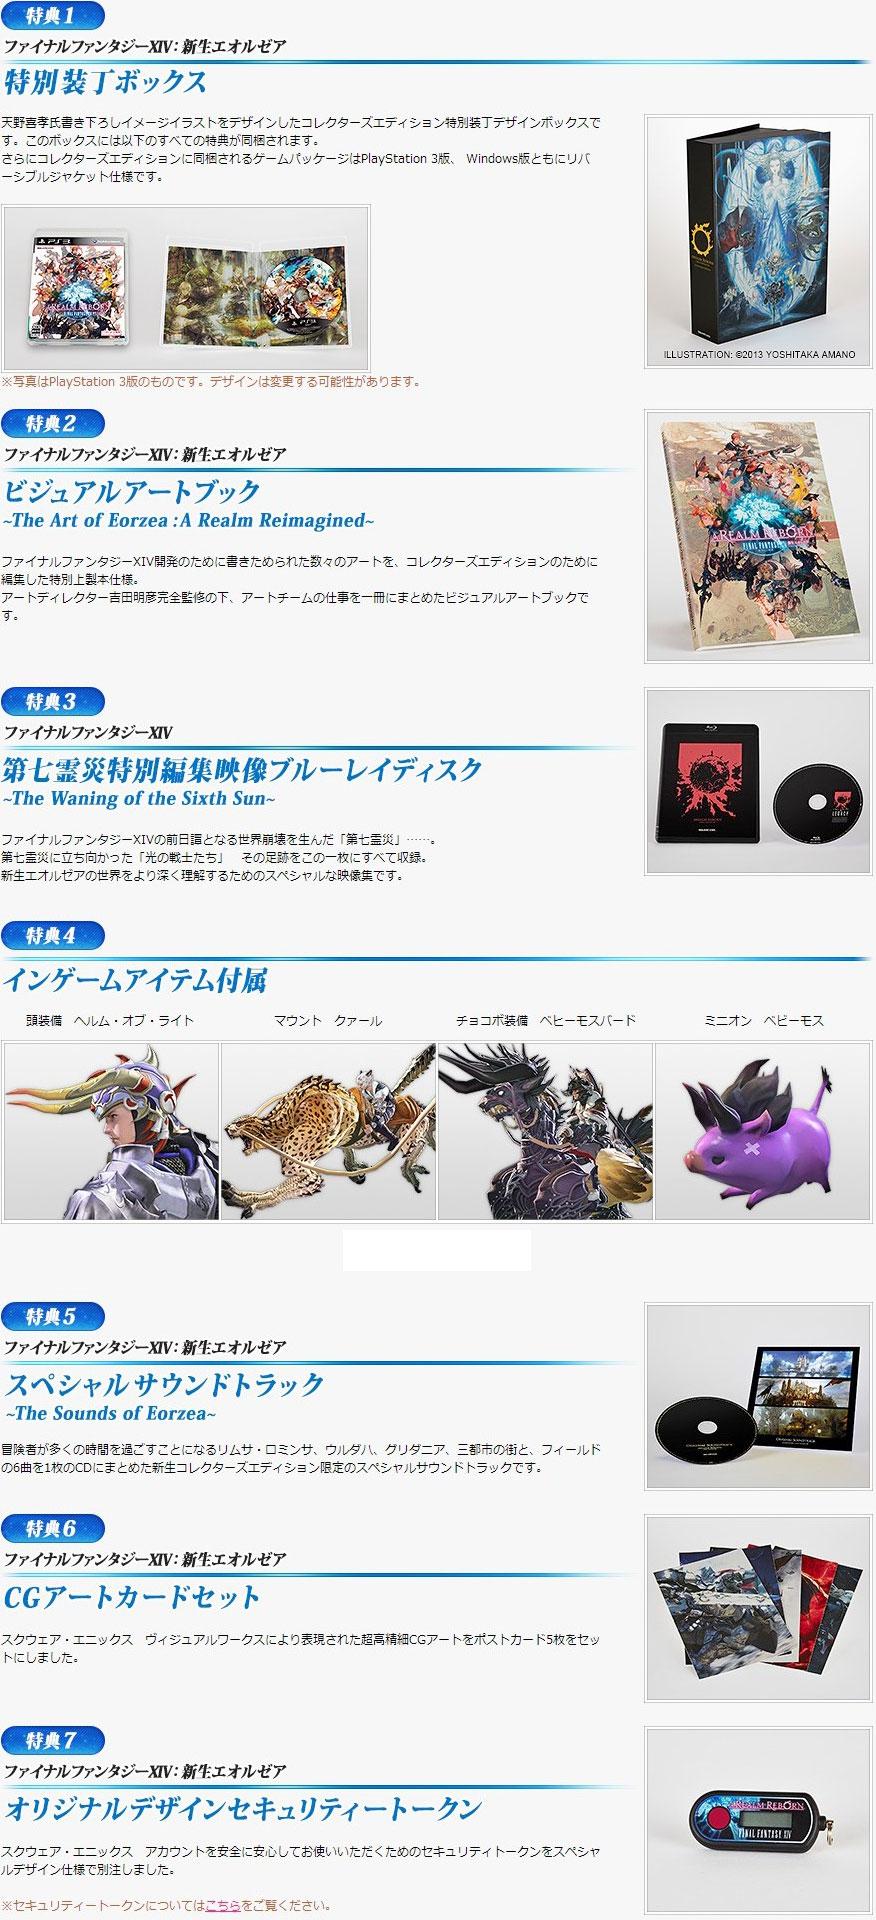 PC/PS3 ファイナルファンタジーXIV: 新生エオルゼア コレクターズエディション